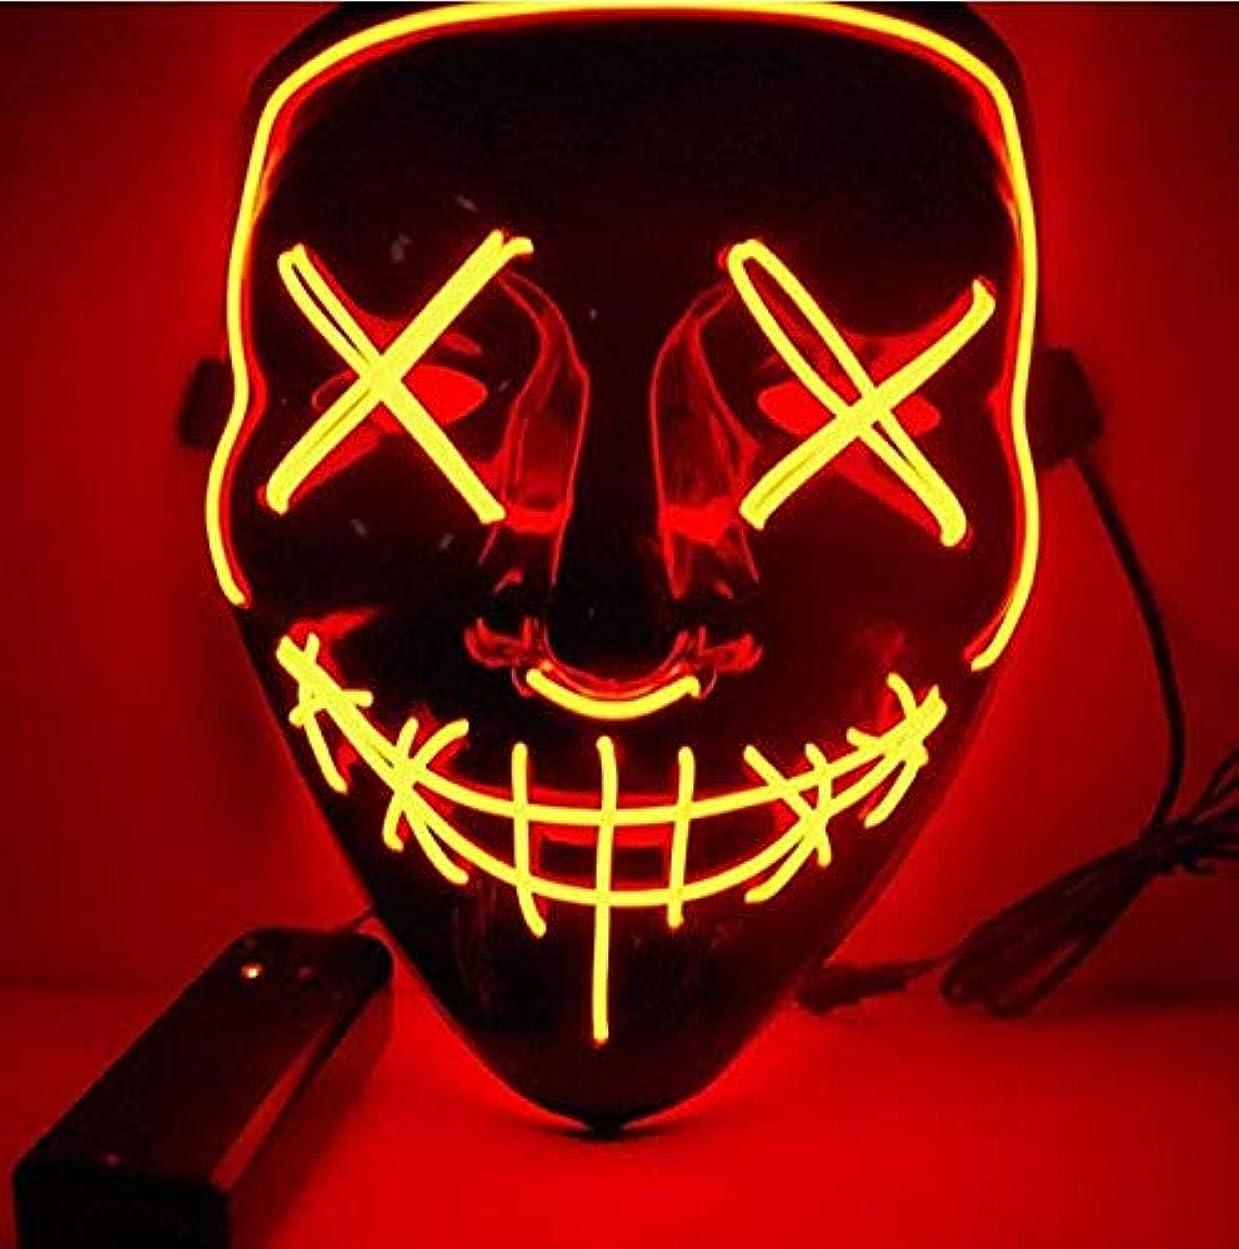 大洪水不条理リアルハロウィンマスクLEDライトアップパーティーマスクコスプレコスチュームサプライ暗闇で光る (Color : YELLOW)